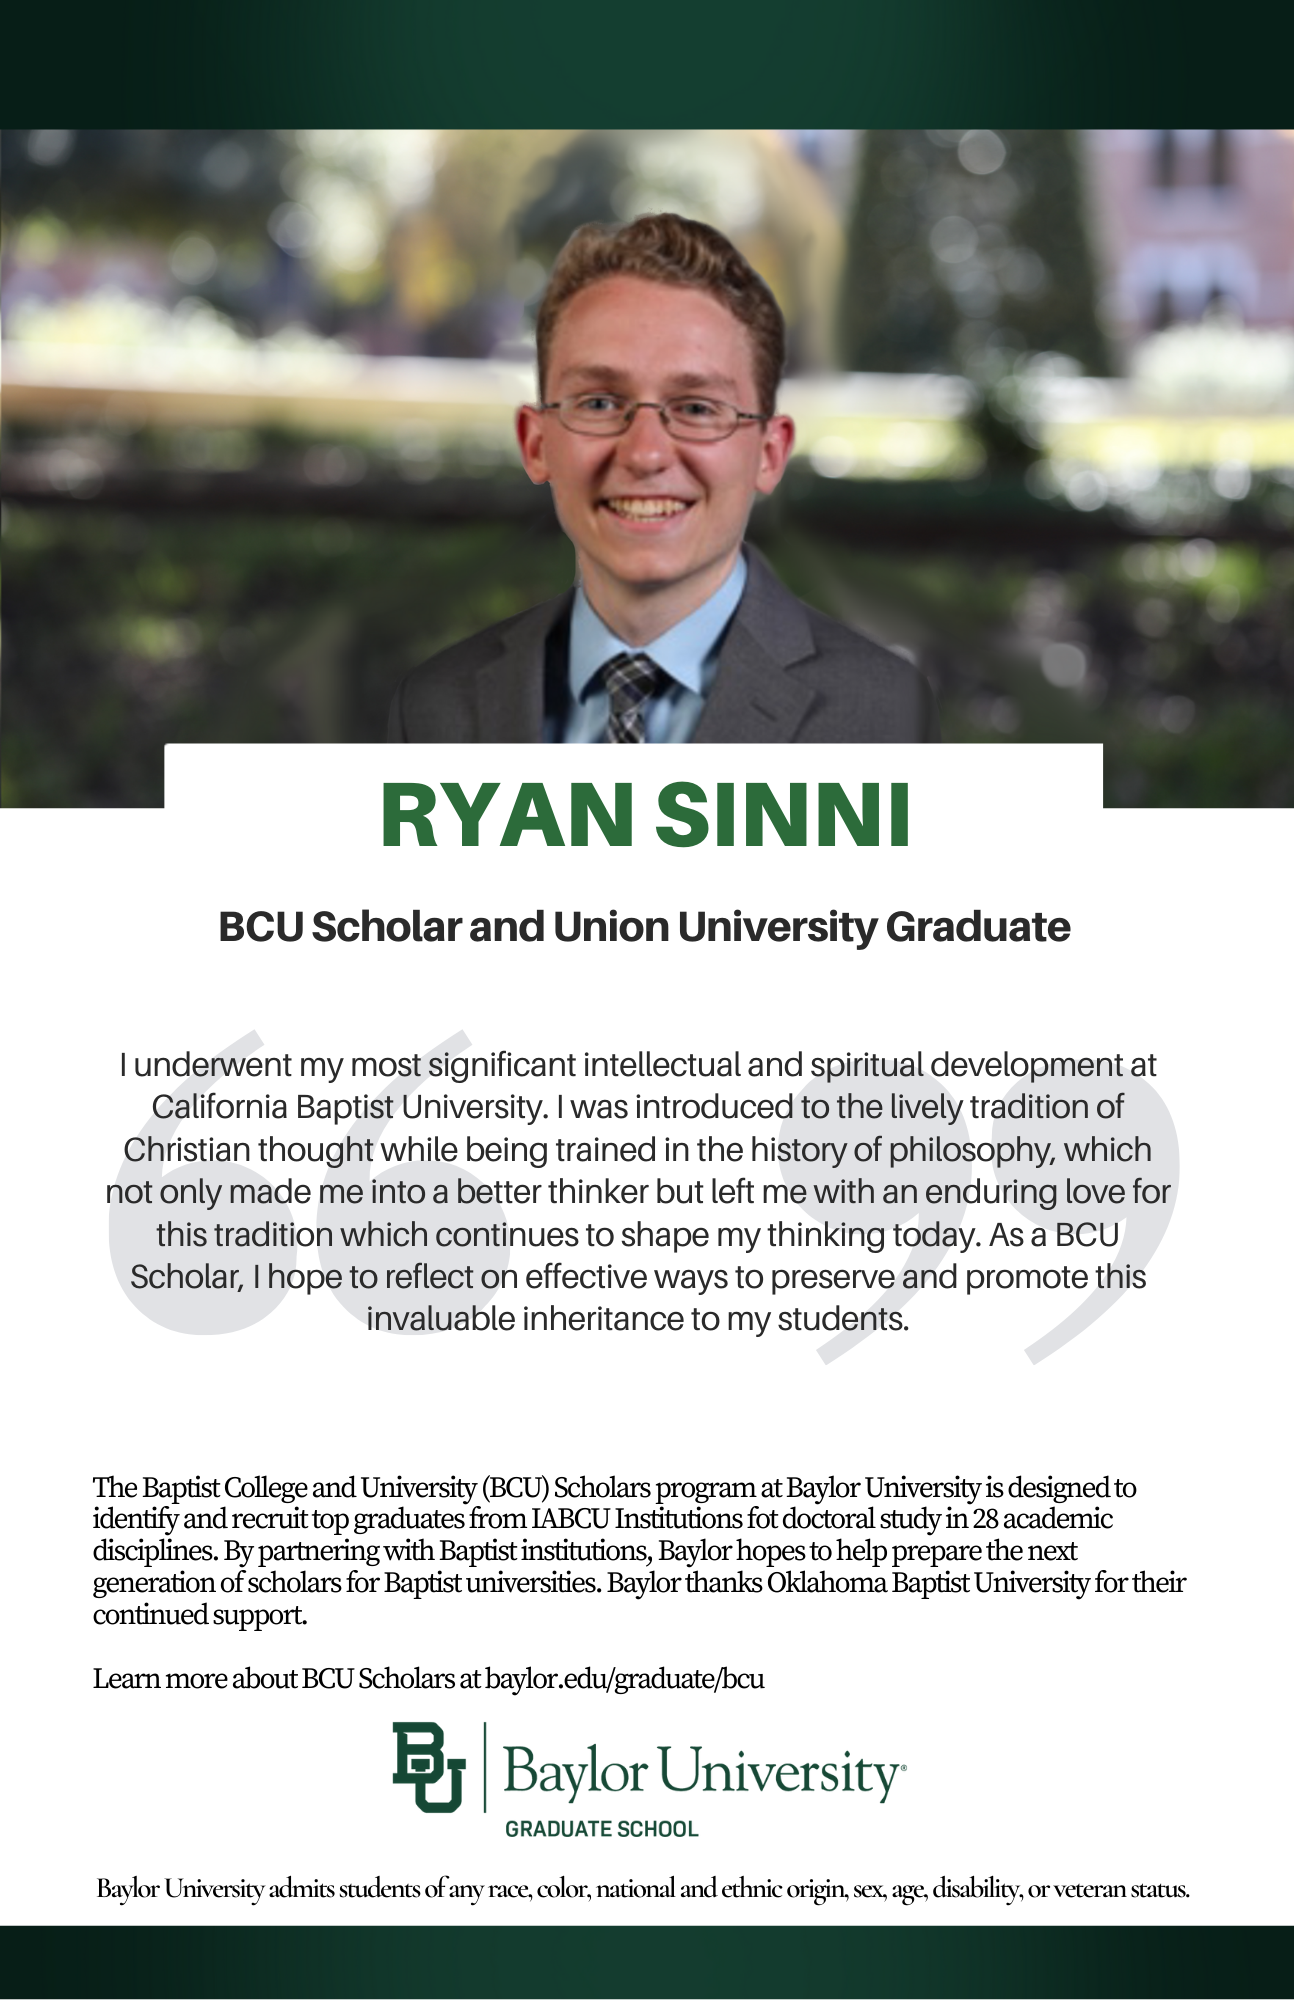 Ryan Sinni BCU ad